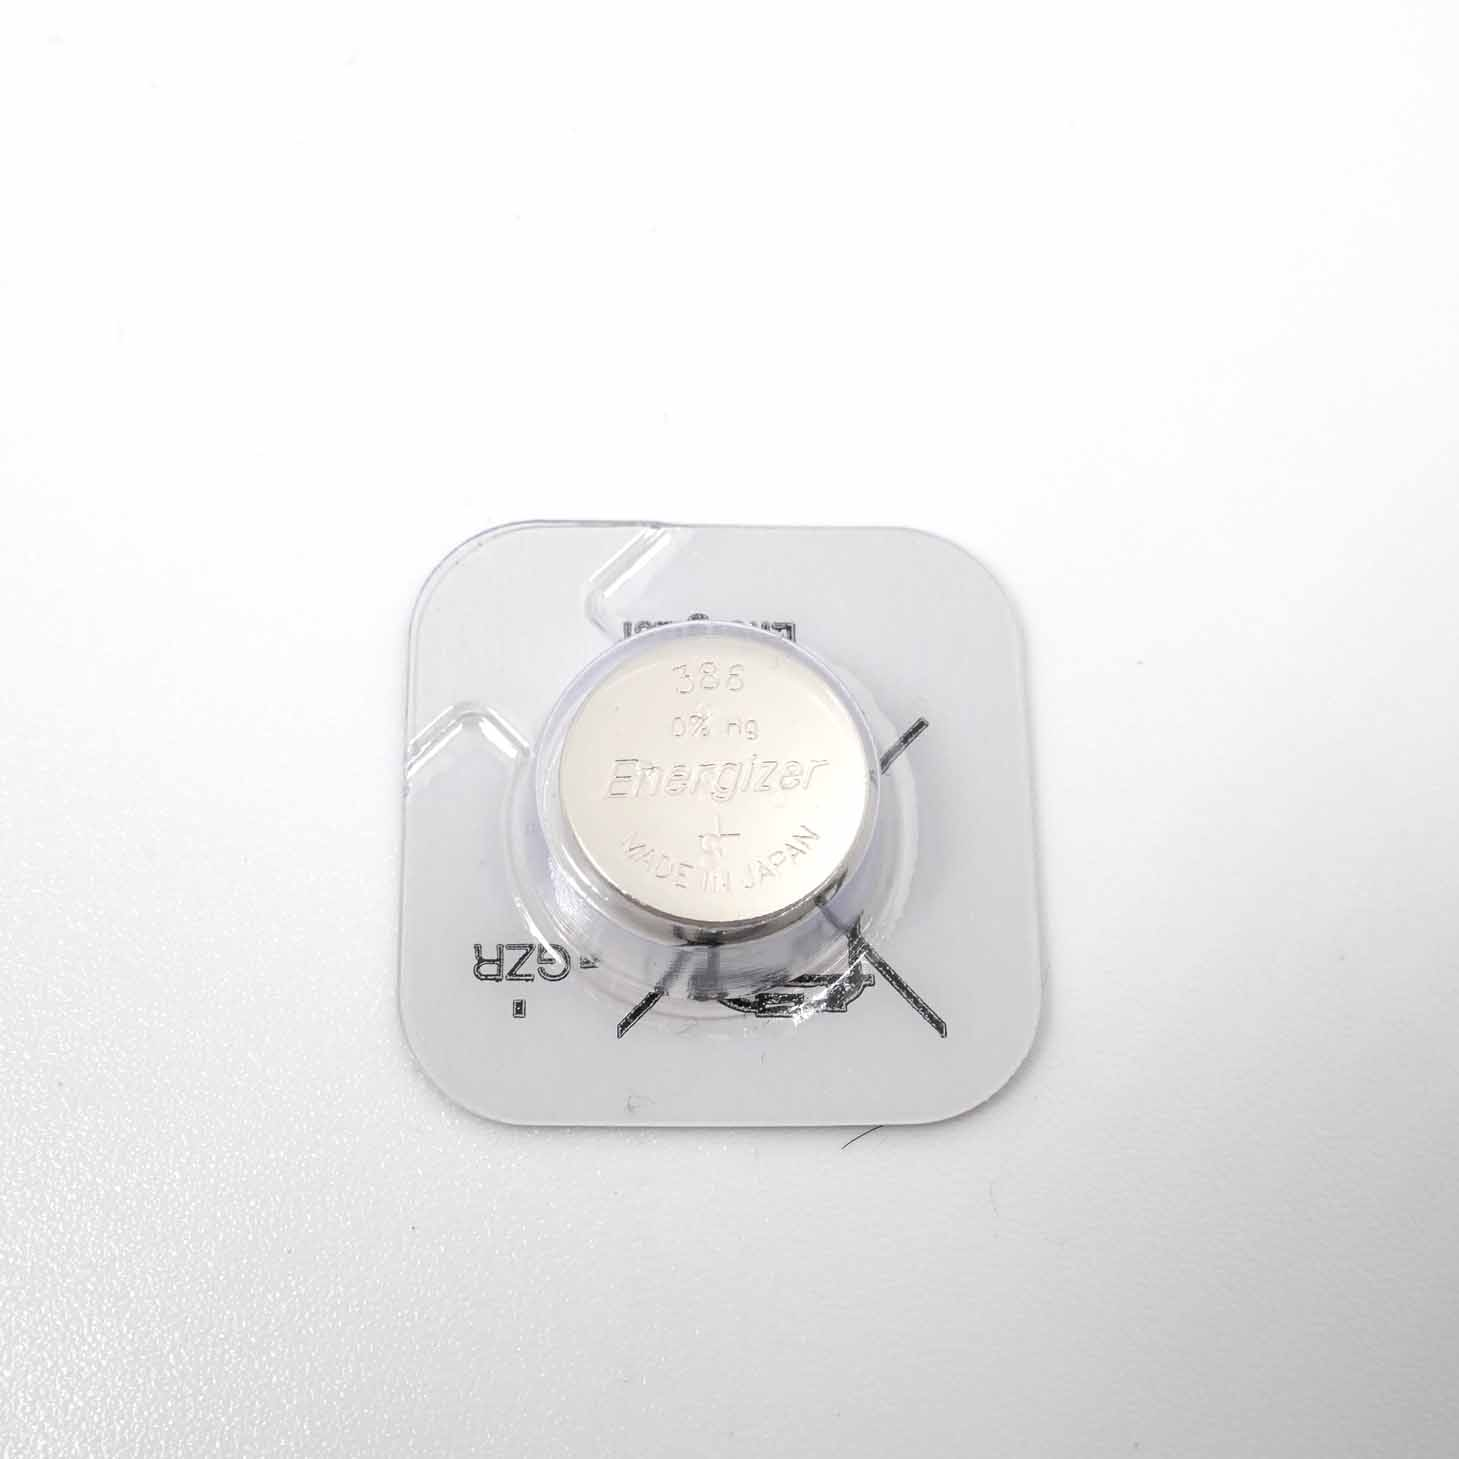 clean-cameras-MR-9-Batterieadapter+-Batterie-386-02